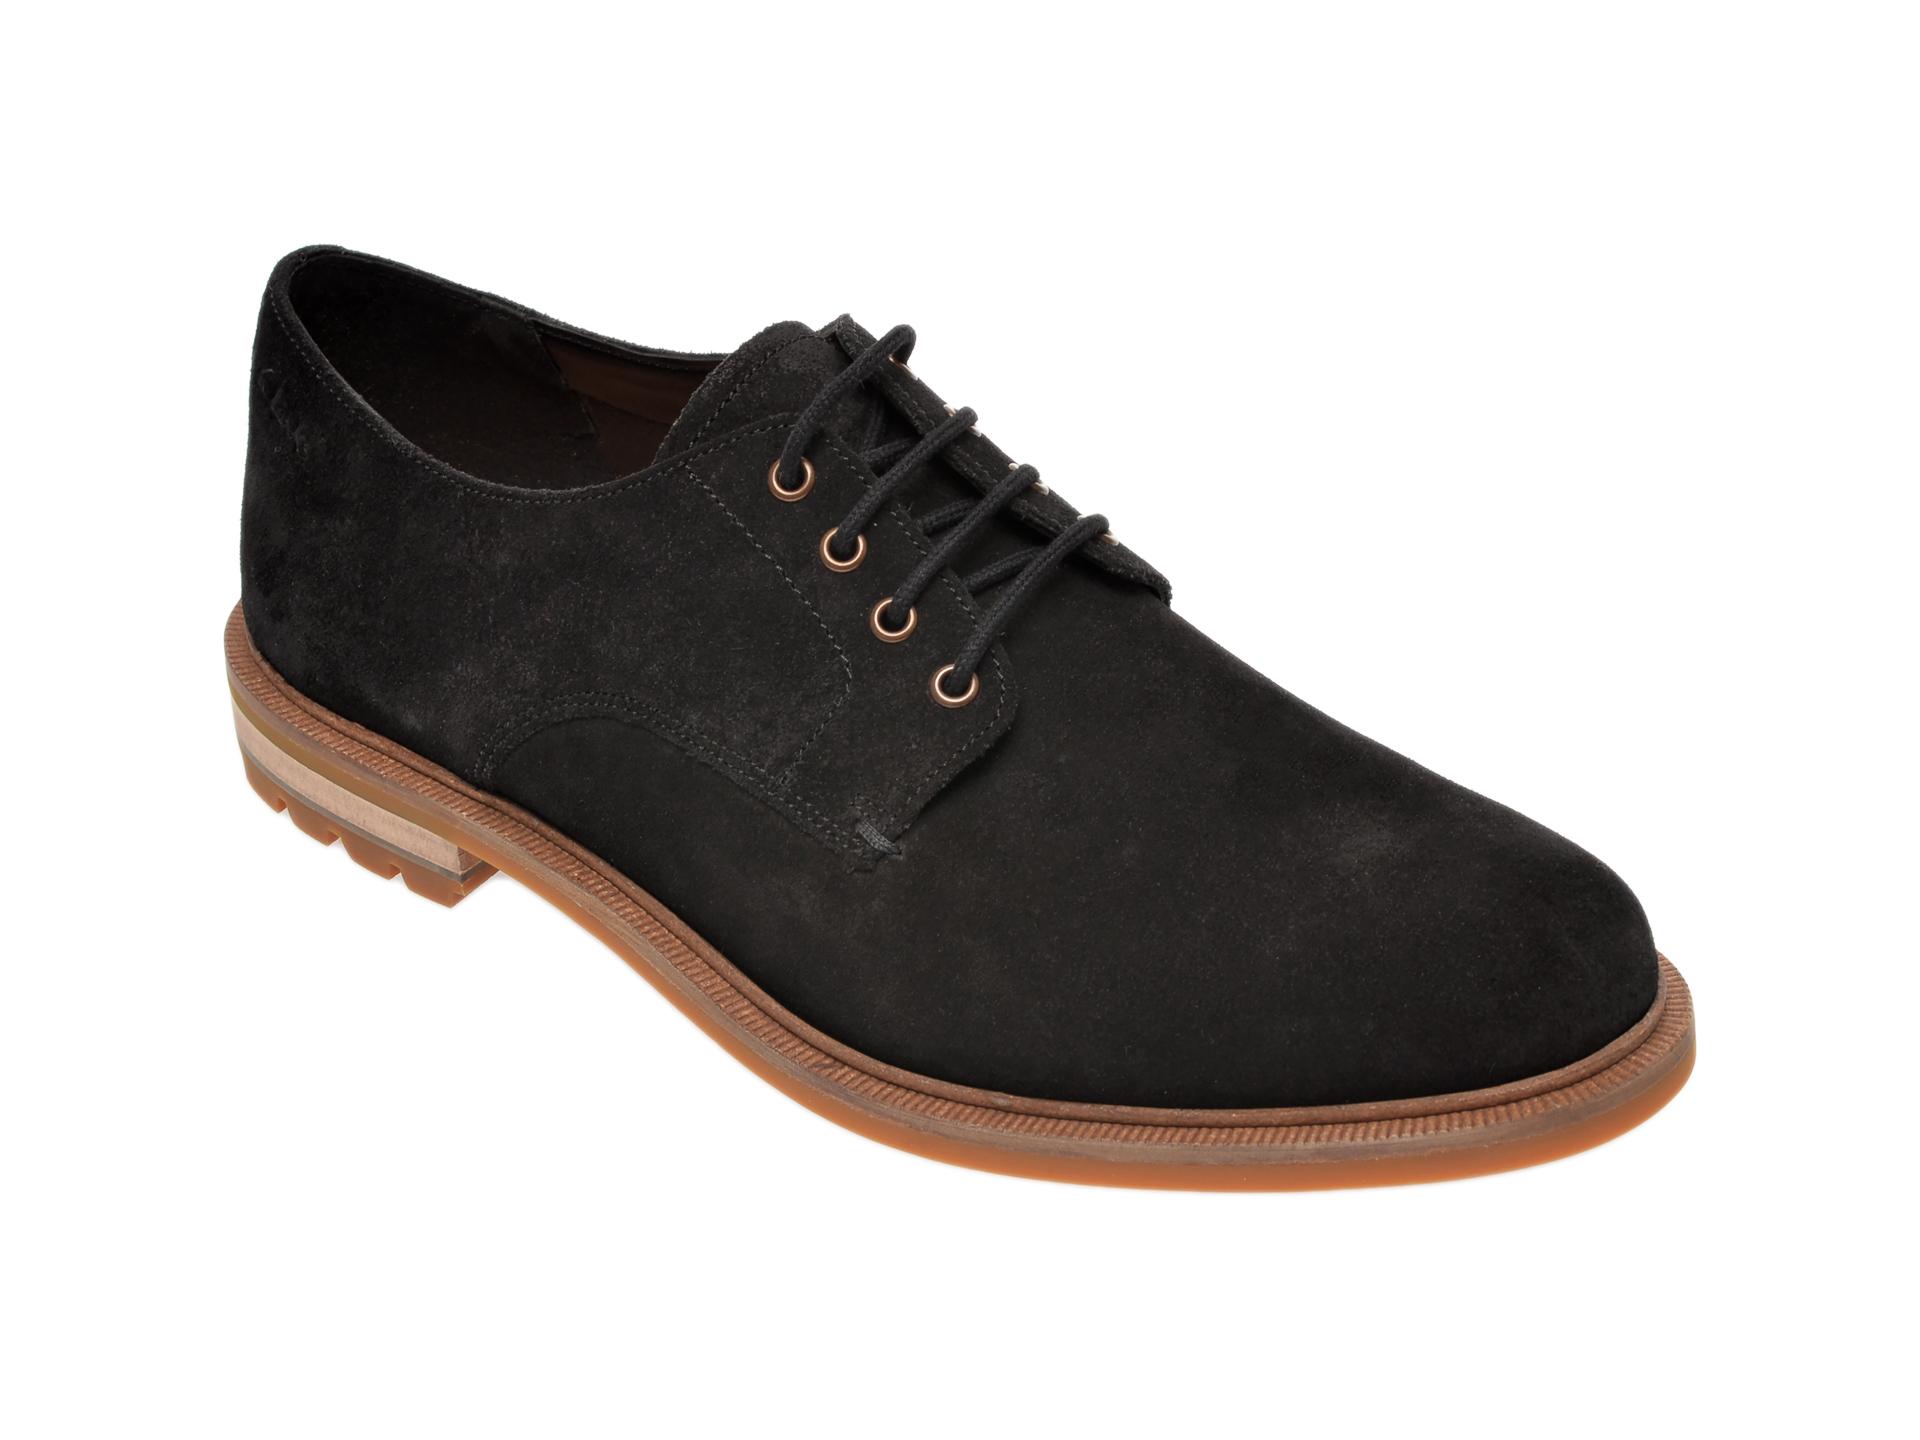 Pantofi CLARKS negri, Foxwell Hall, din piele intoarsa New